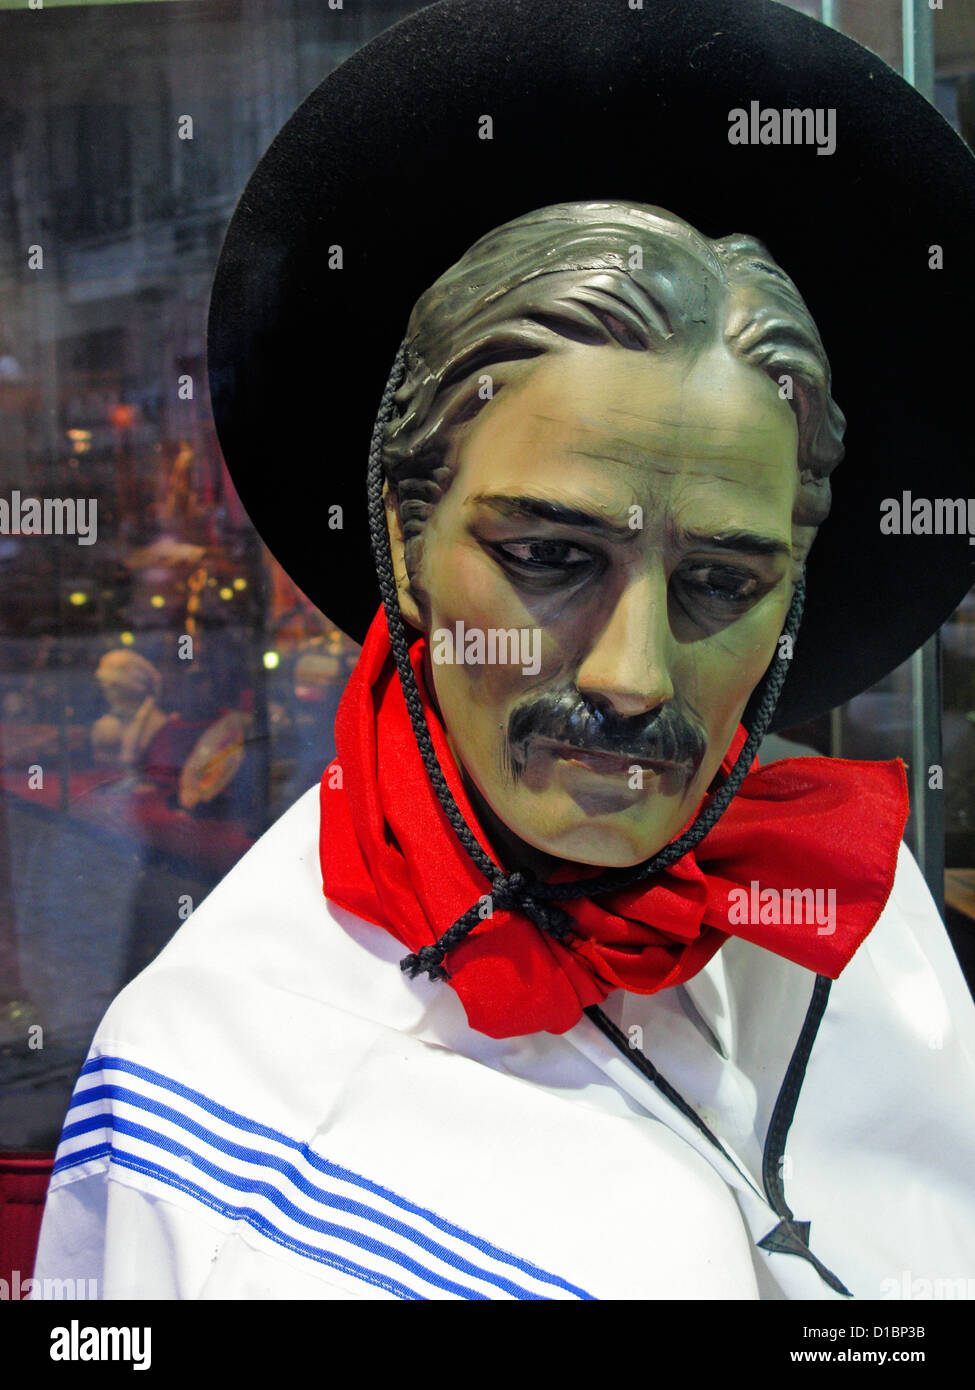 Un modèle de personnage Gaucho dans une vitrine à Montevideo, Uruguay, Amérique du Sud Photo Stock